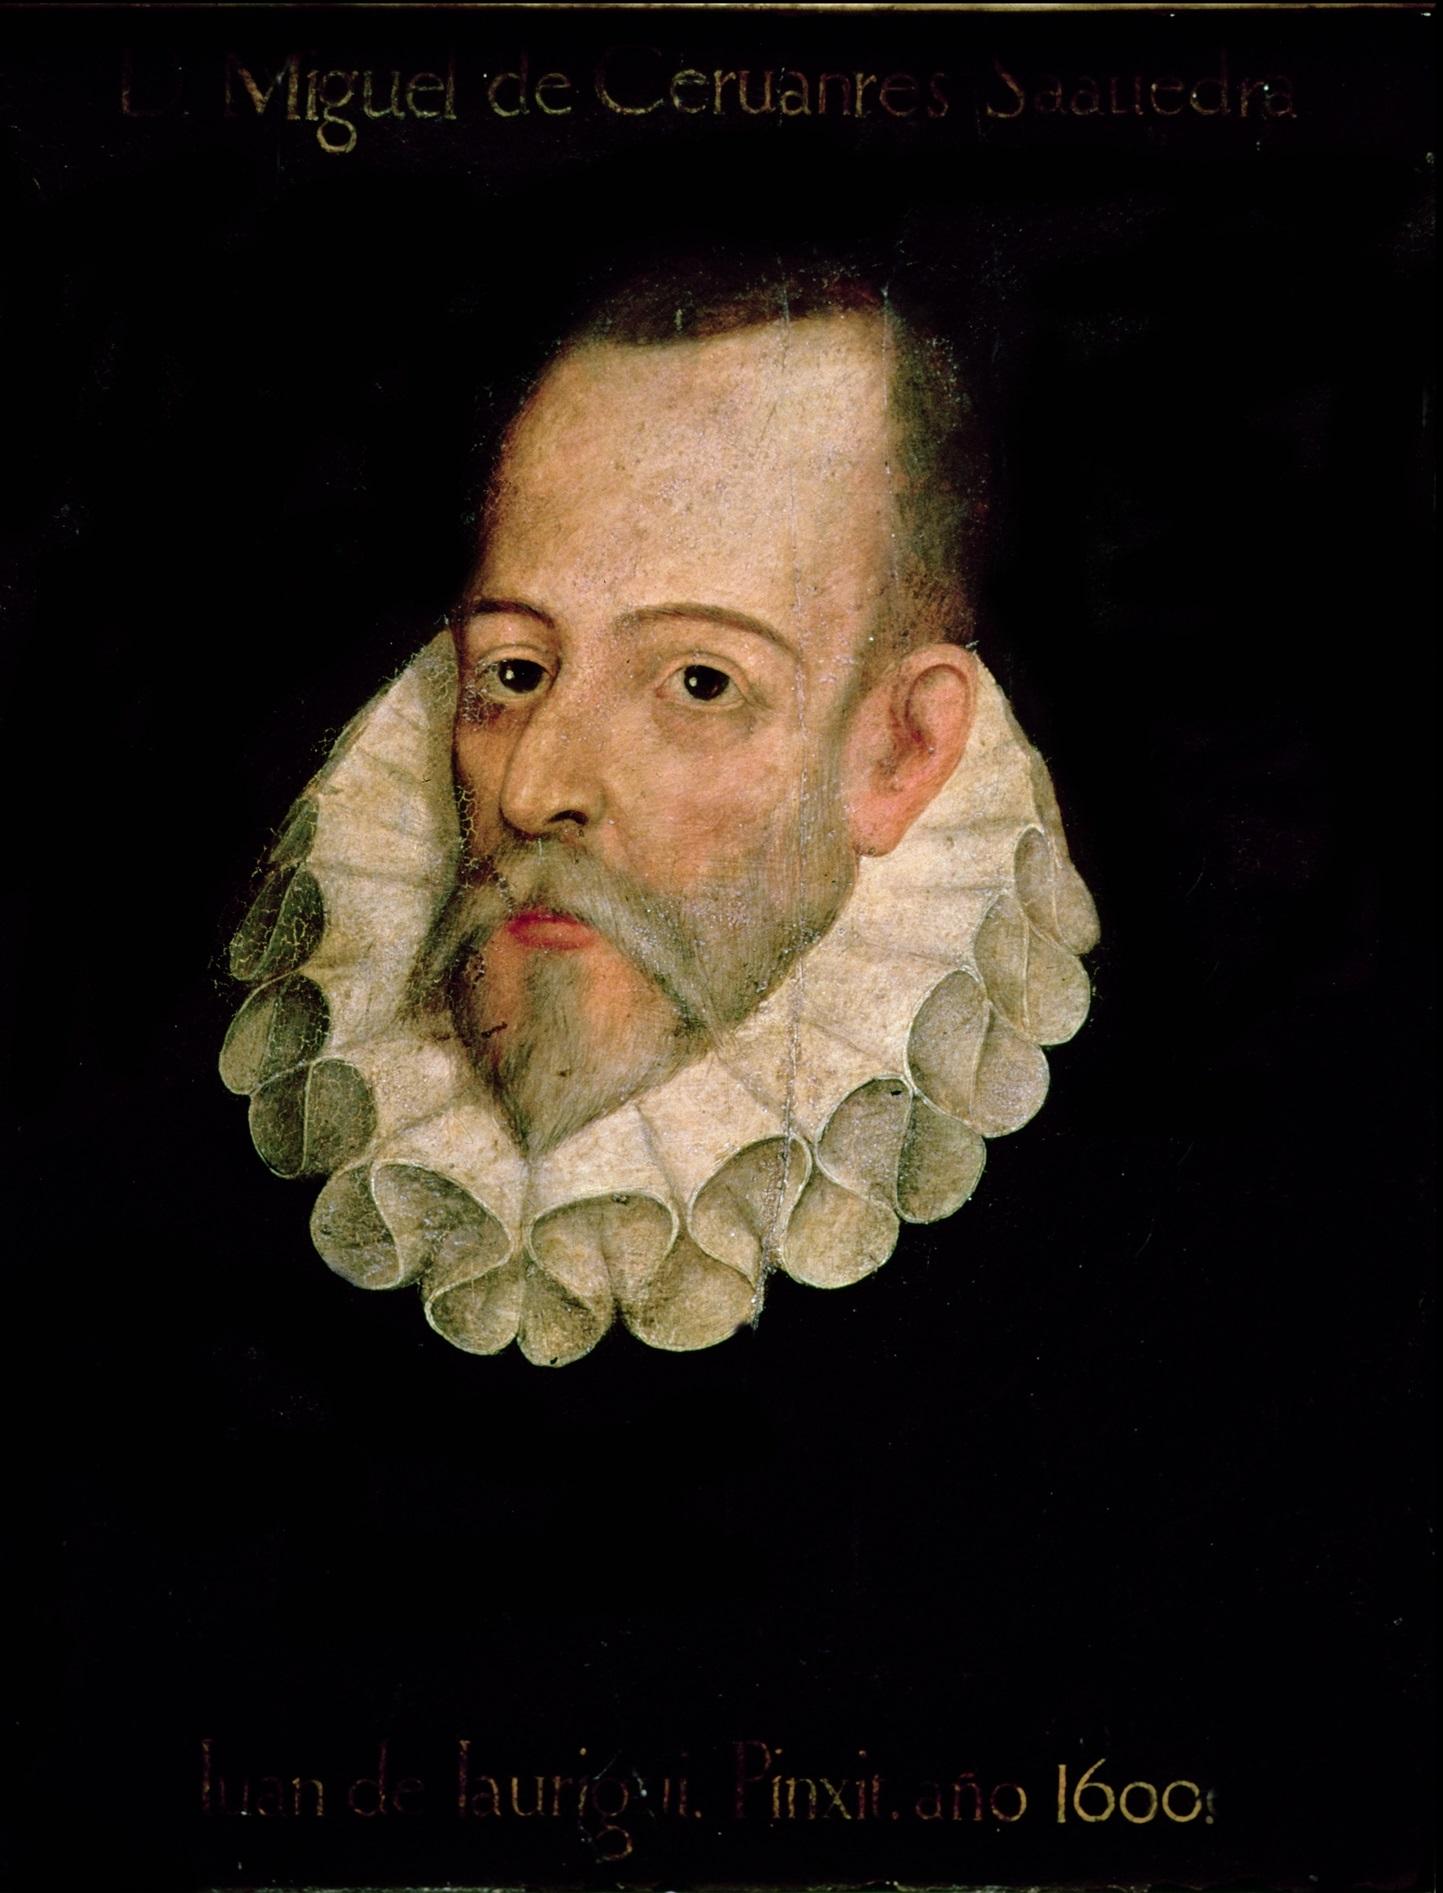 Πορτρέτο του Μιγκέλ ντε Θερβάντες από τον Χουάν ντι Χαουρέγκι. Photo Credits: Wikimedia Commons